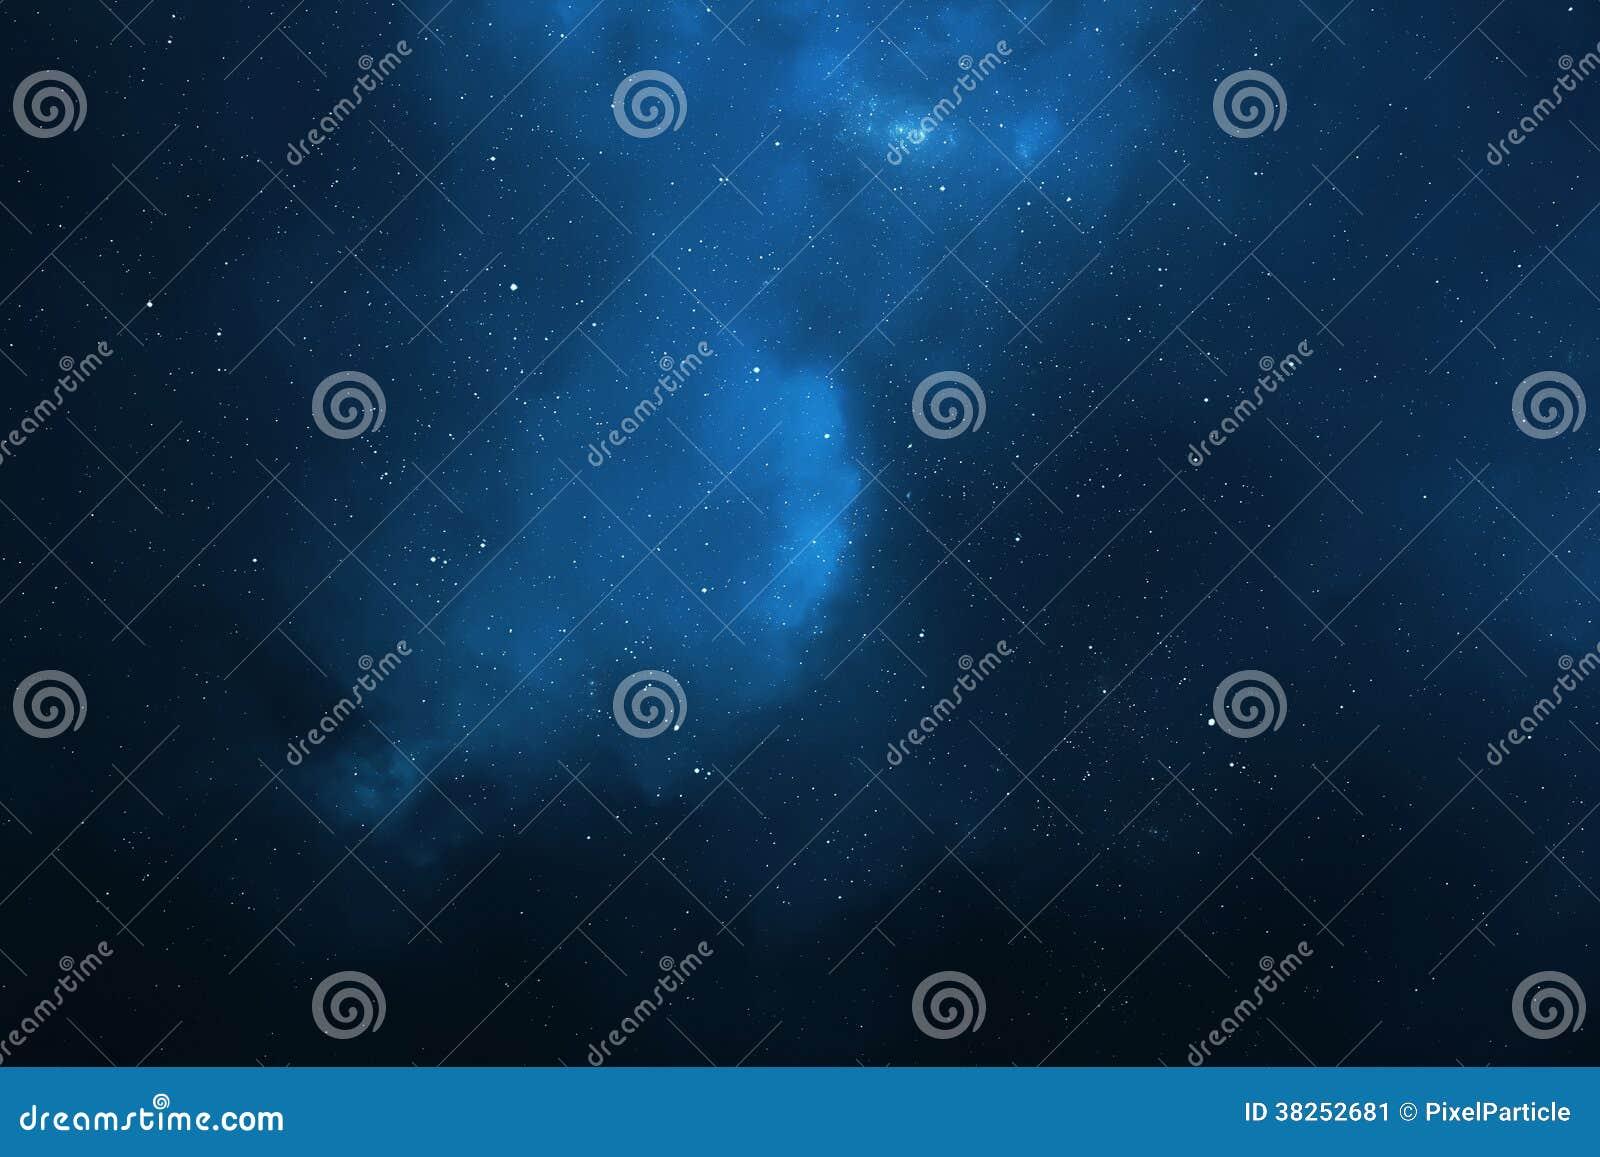 Hintergrund des nächtlichen Himmels